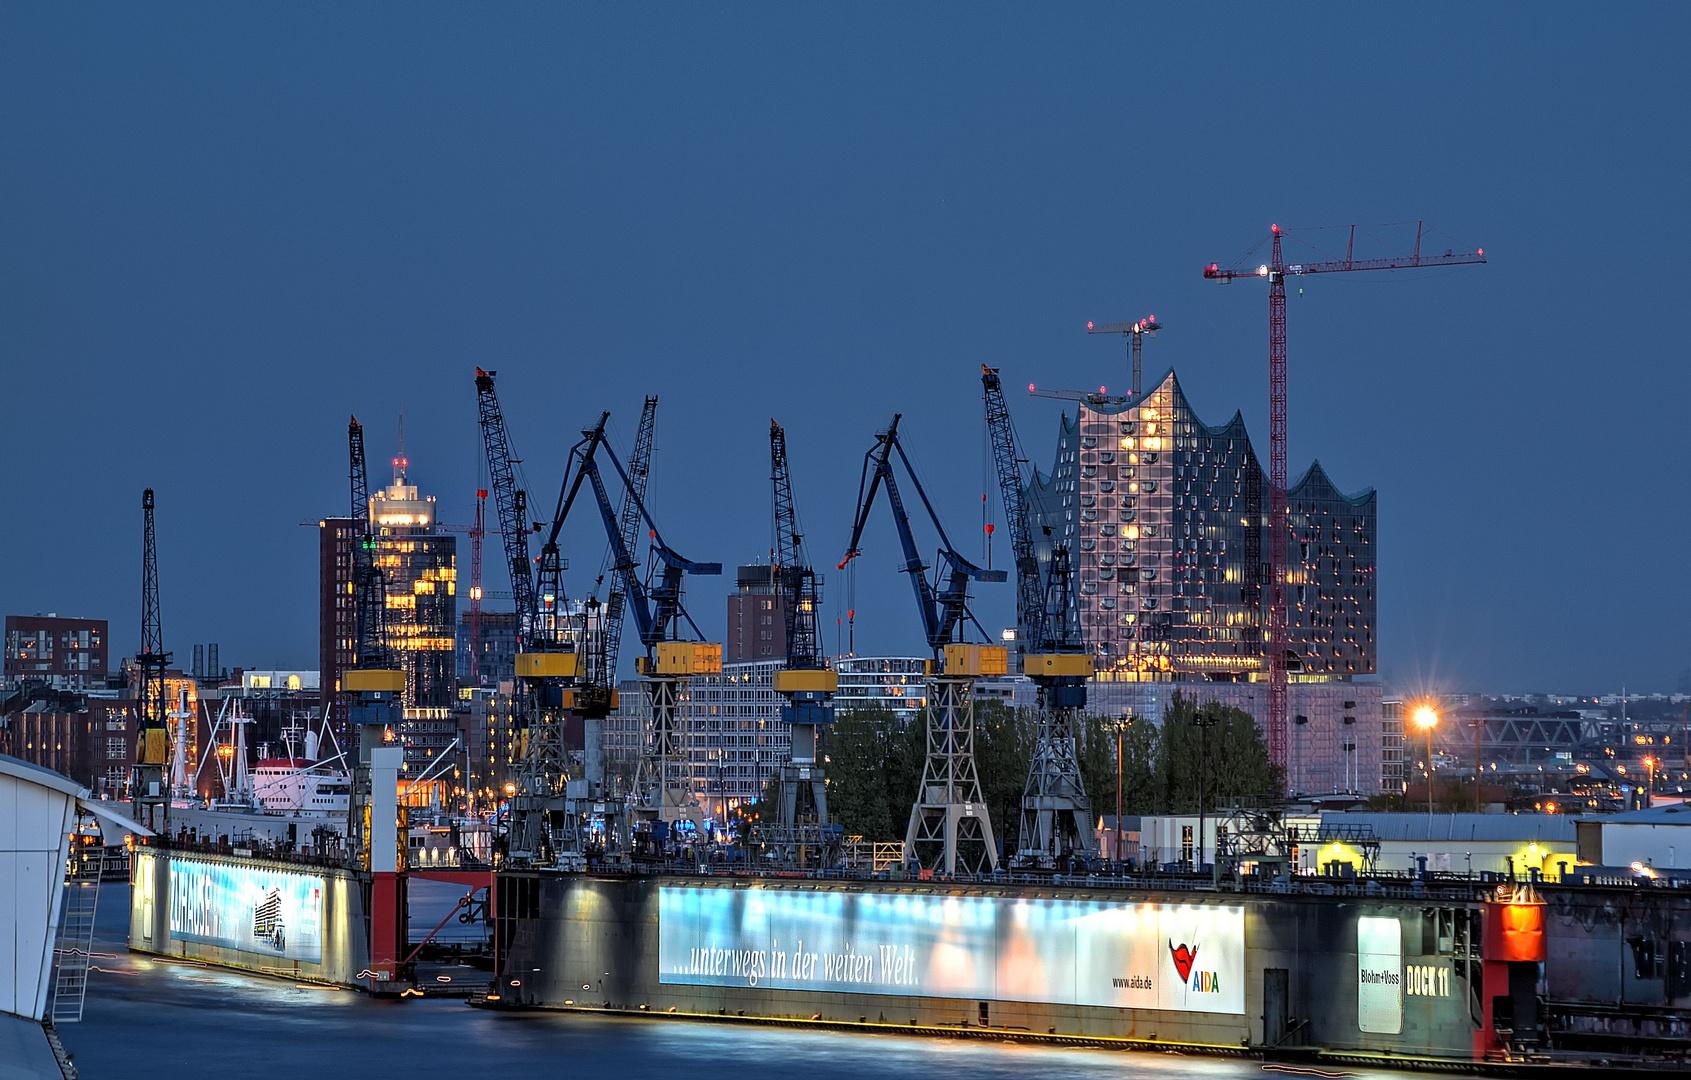 - - Werft - -